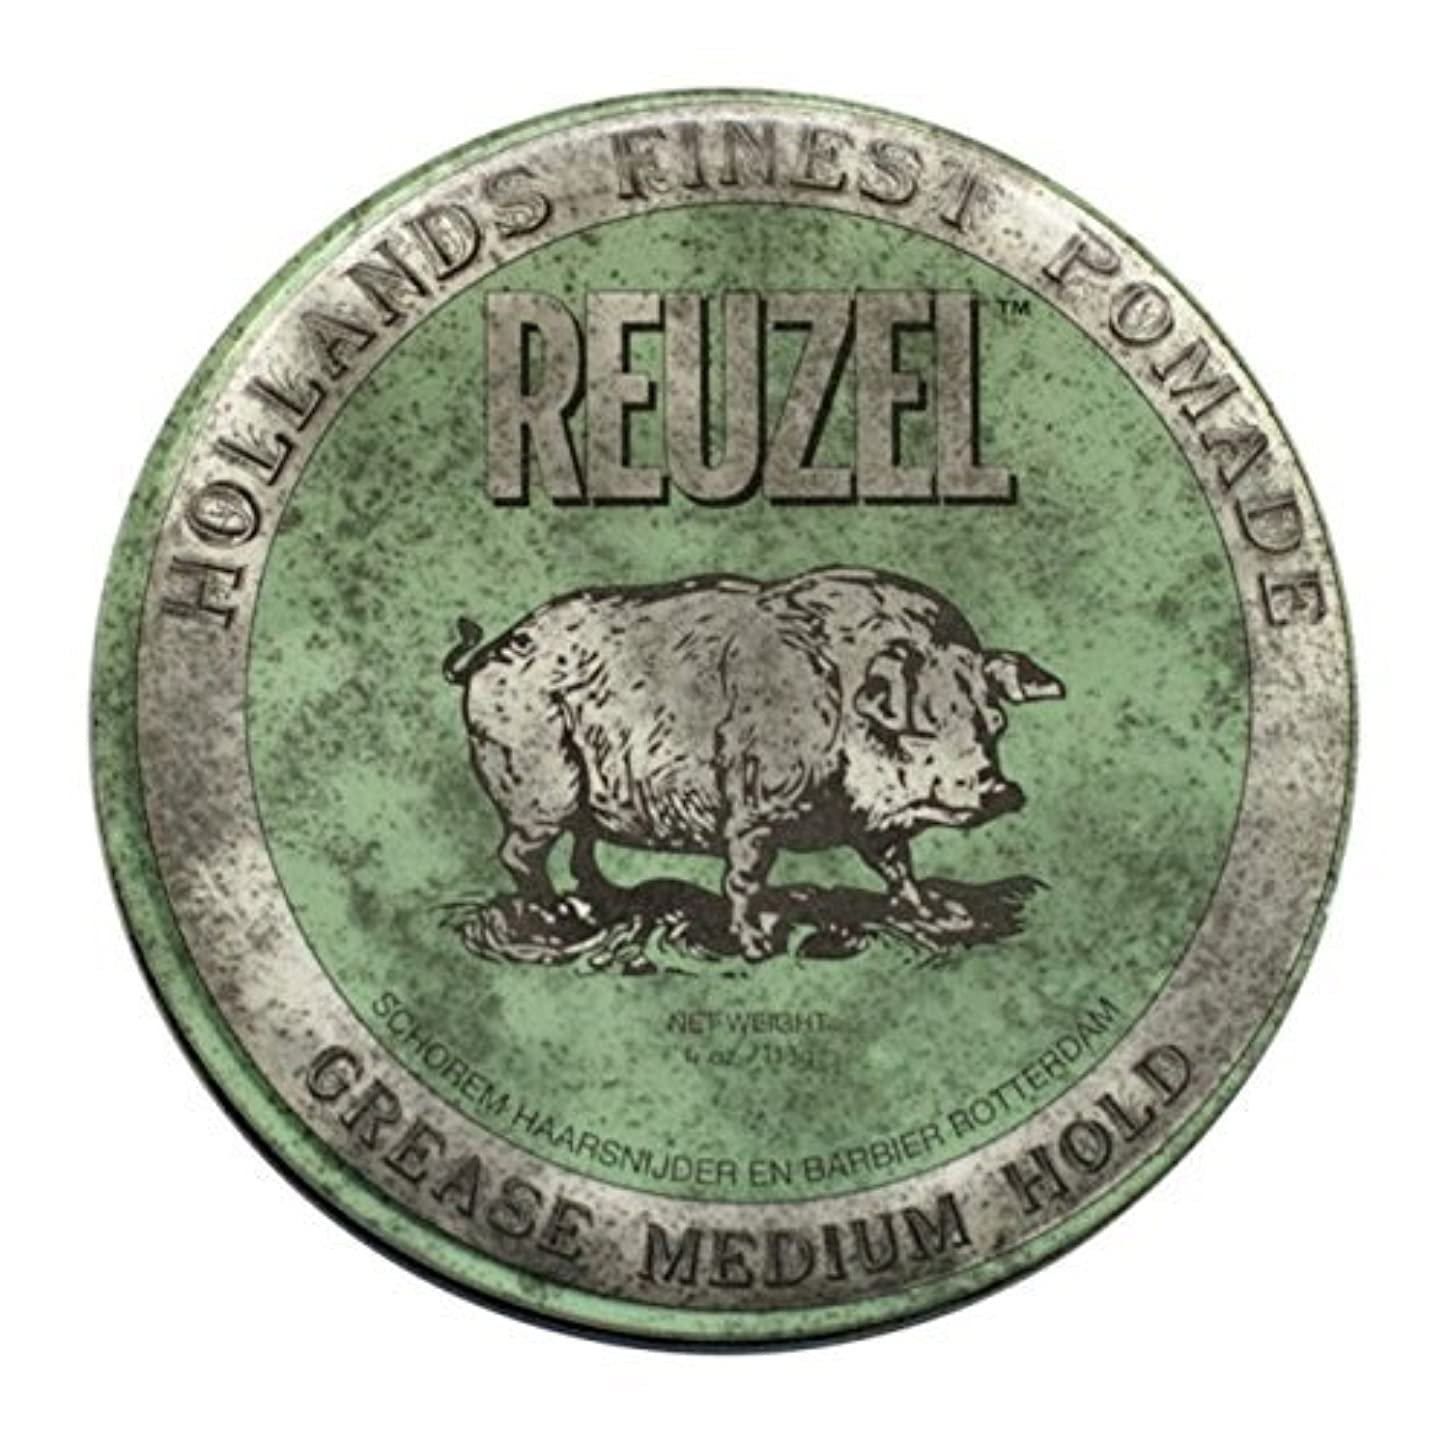 行商あいまい神話REUZEL Grease Hold Hair Styling Pomade Piglet Wax/Gel, Medium, Green, 1.3 oz, 35g [並行輸入品]